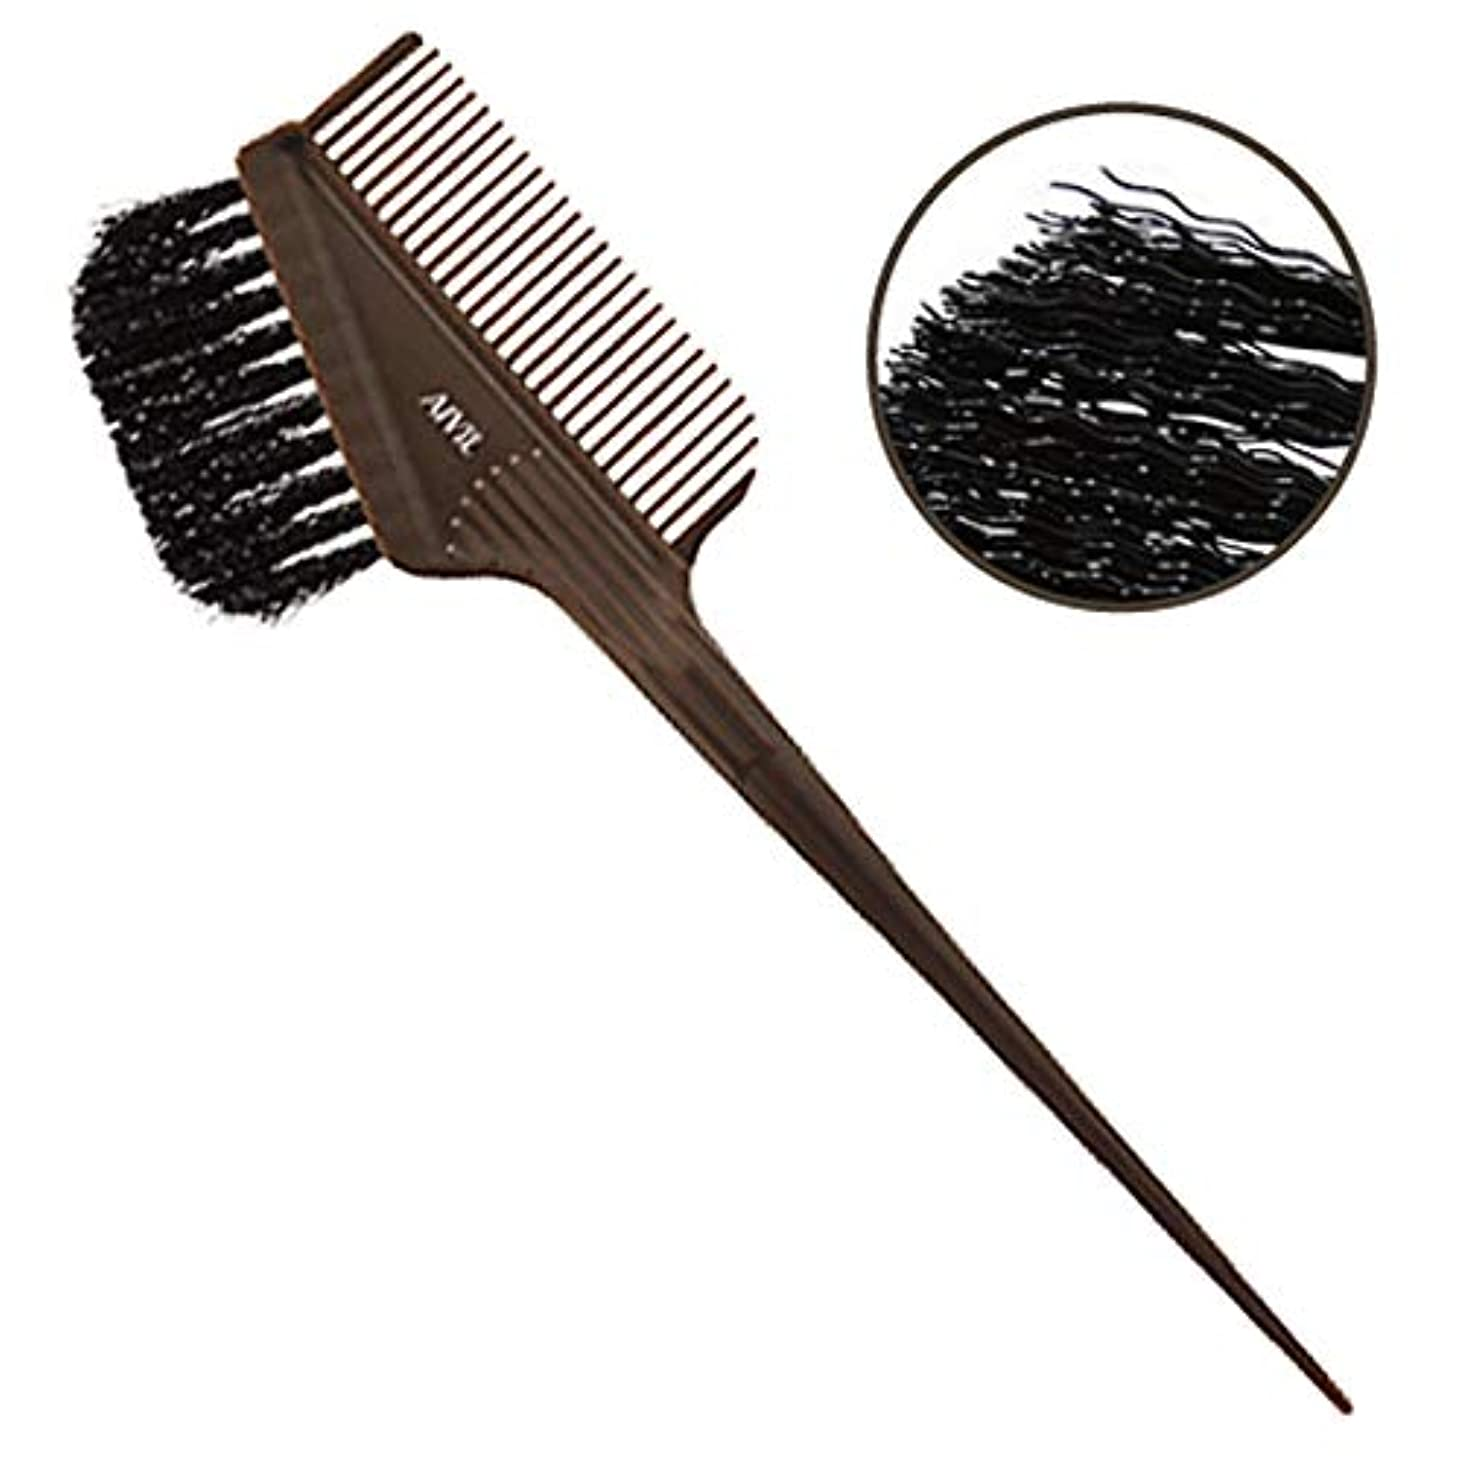 バナー安いです誇張アイビル ヘアダイブラシ バトン ブラウン ウェーブ毛 刷毛/カラー剤/毛染めブラシ AIVIL